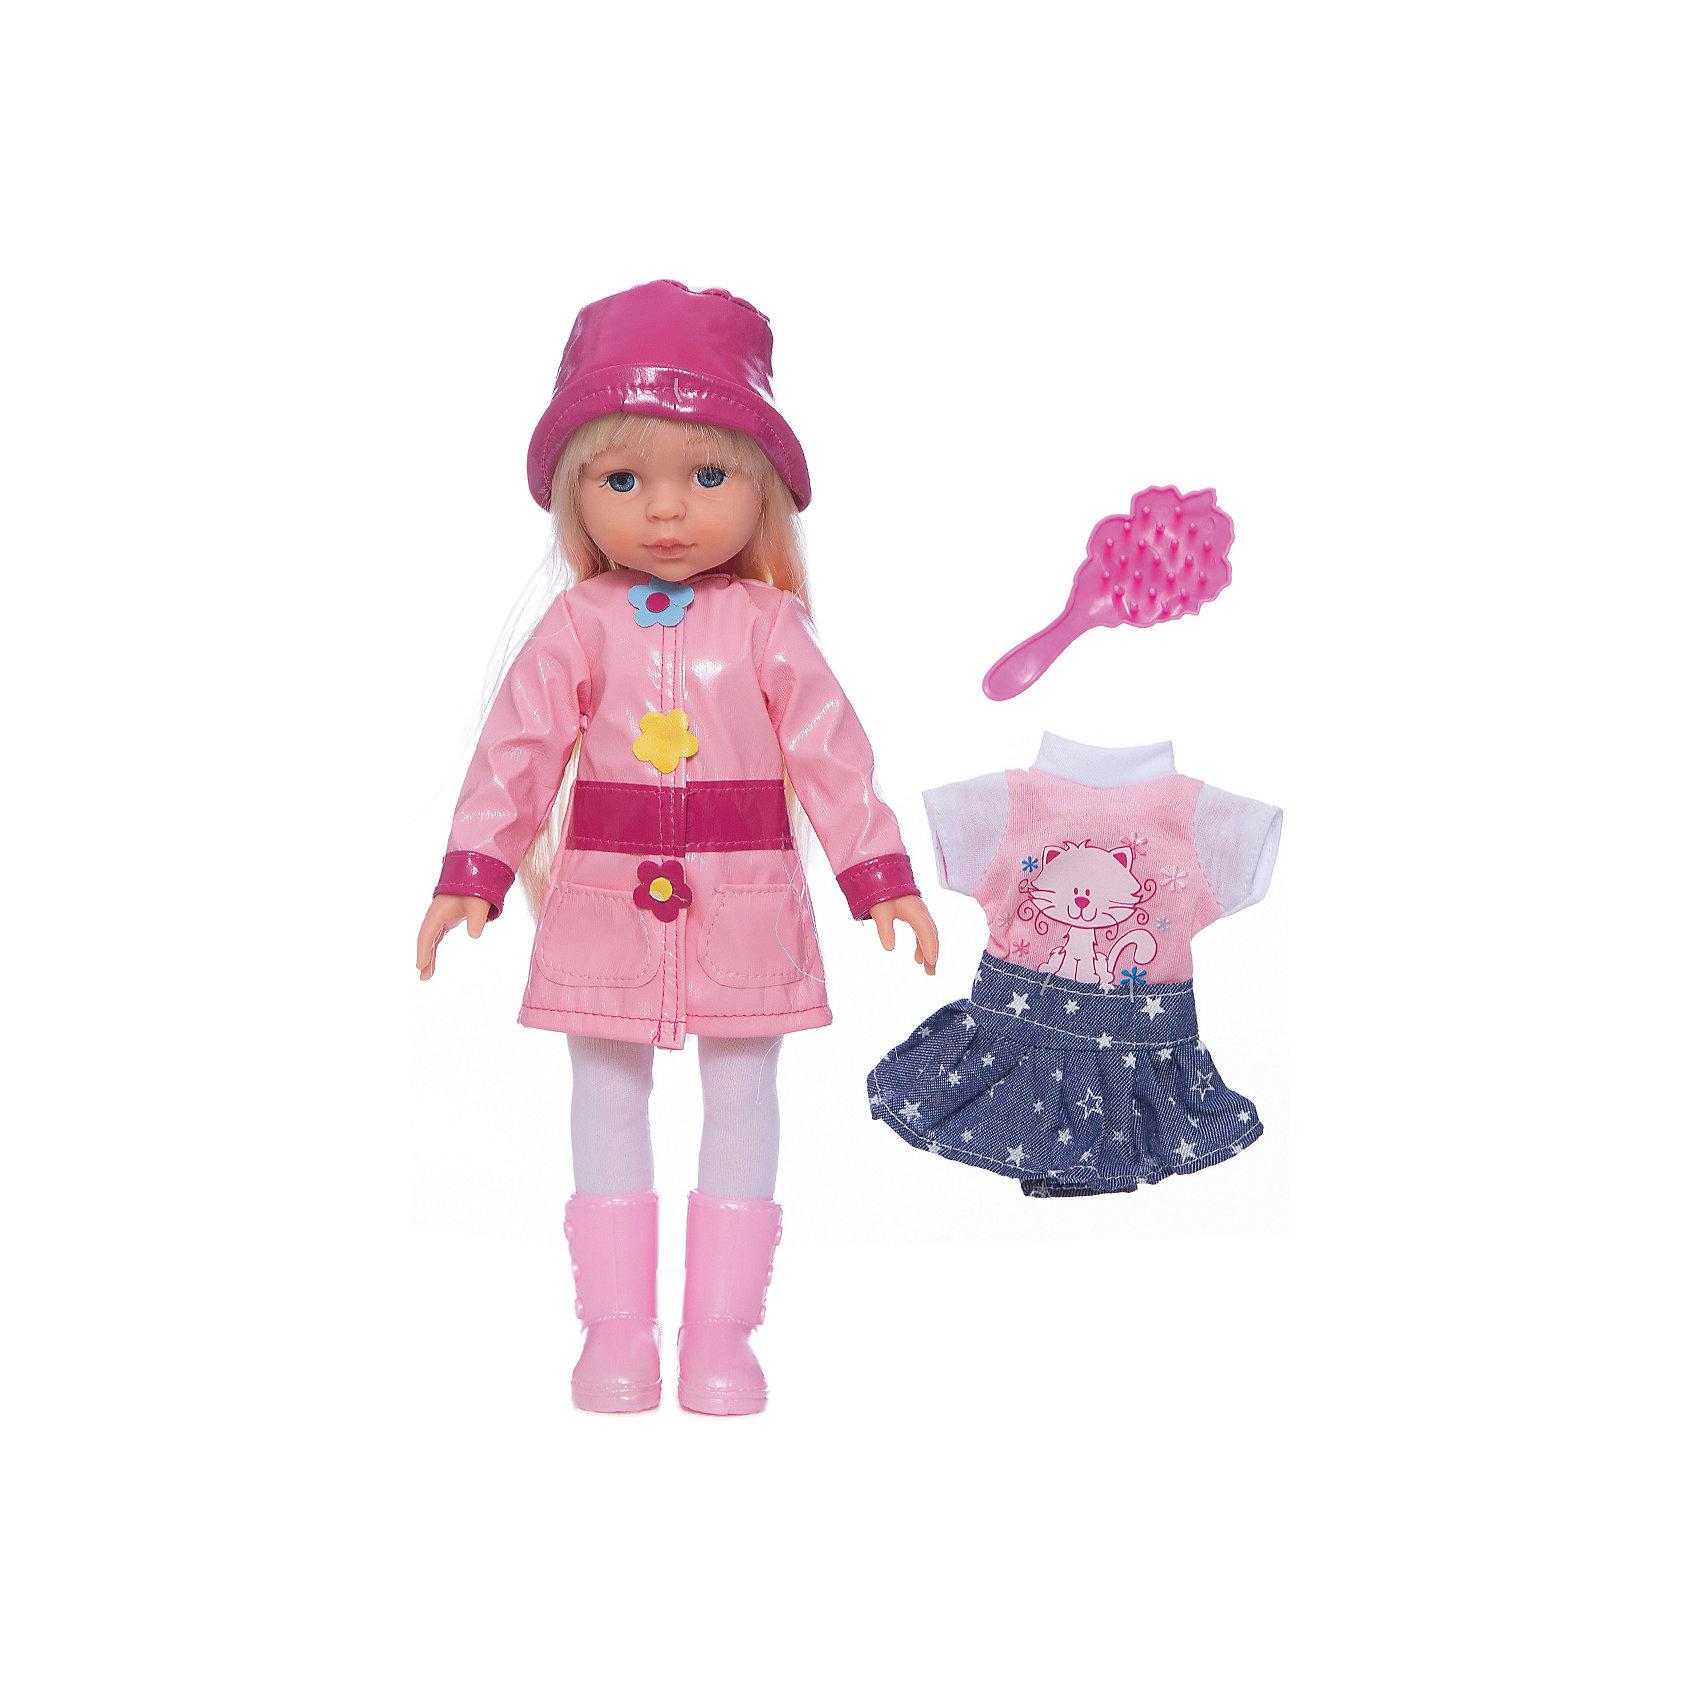 Кукла, с аксессуарами, в осенне-весенней одежде, 33 см, со звуком, КарапузБренды кукол<br>Кукла 33 см. в осенней одежде. С дополнительным комплектом одежды. Кукла рассказывает 4 стихотворения и поет 4 песенки. В комплект входит расческа.<br><br>Ширина мм: 90<br>Глубина мм: 350<br>Высота мм: 230<br>Вес г: 590<br>Возраст от месяцев: 36<br>Возраст до месяцев: 84<br>Пол: Женский<br>Возраст: Детский<br>SKU: 5420410